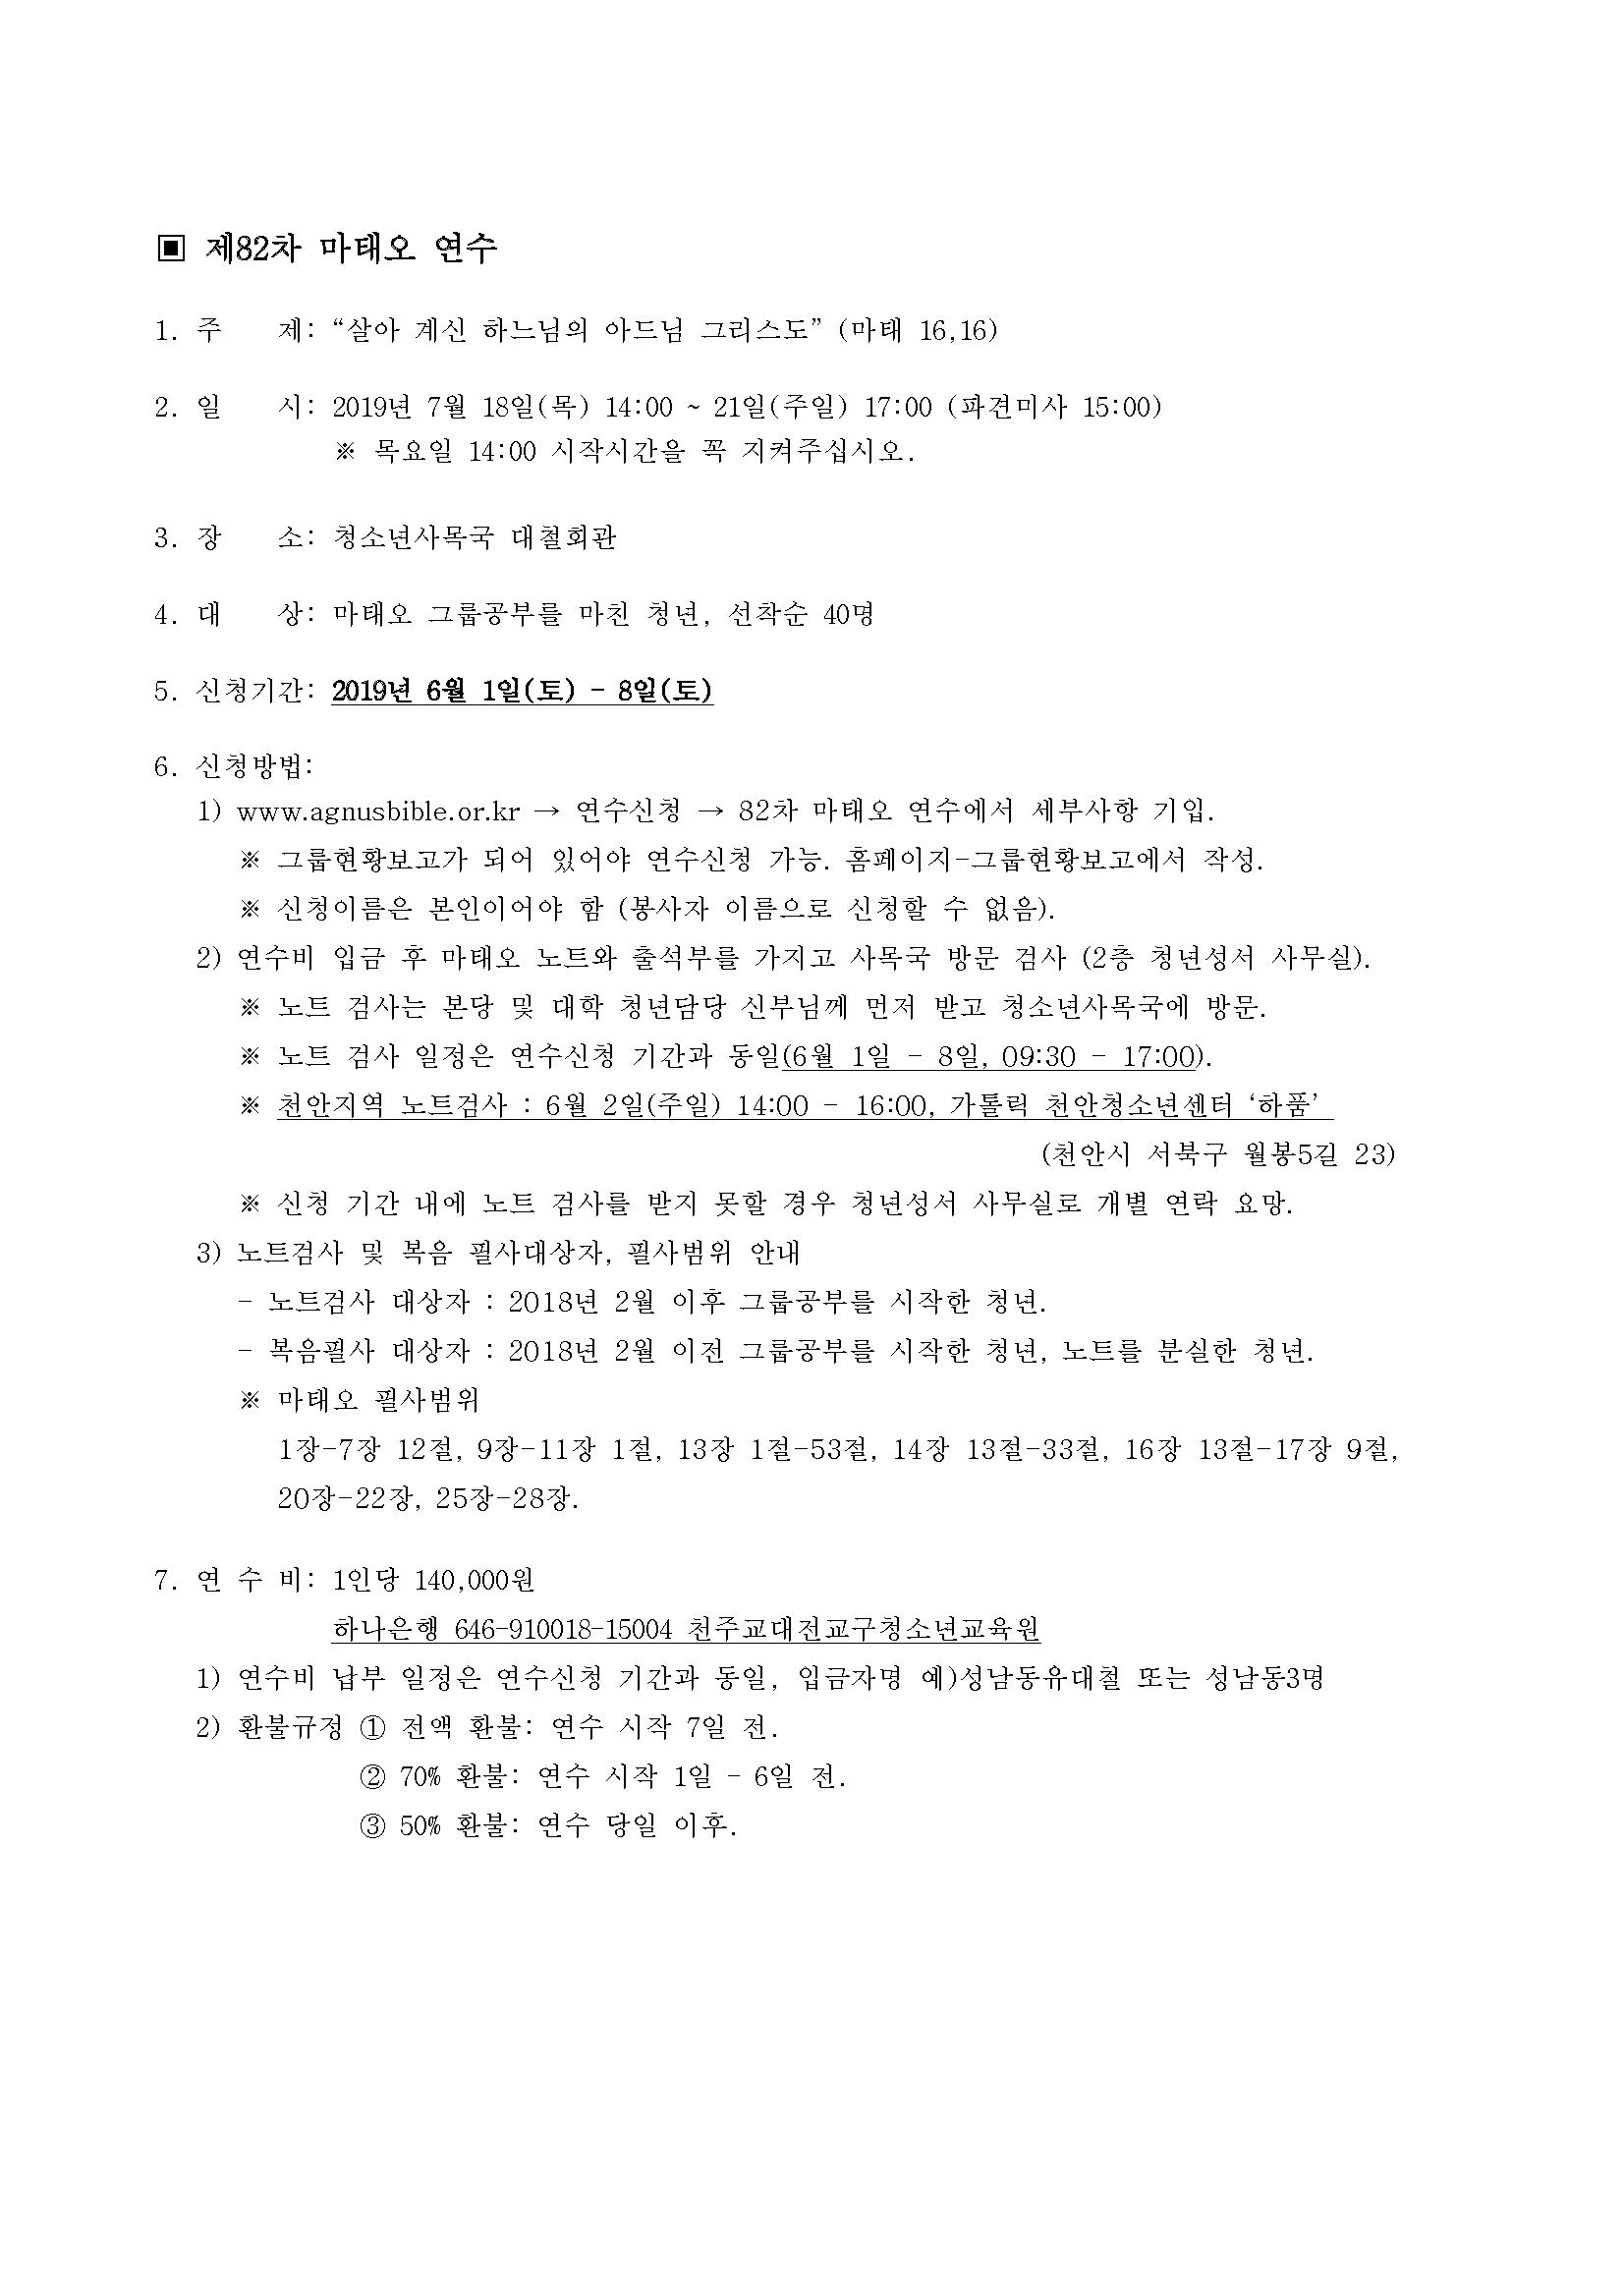 2019년 청년성서 여름연수 신청 안내 공문_Page_4.png